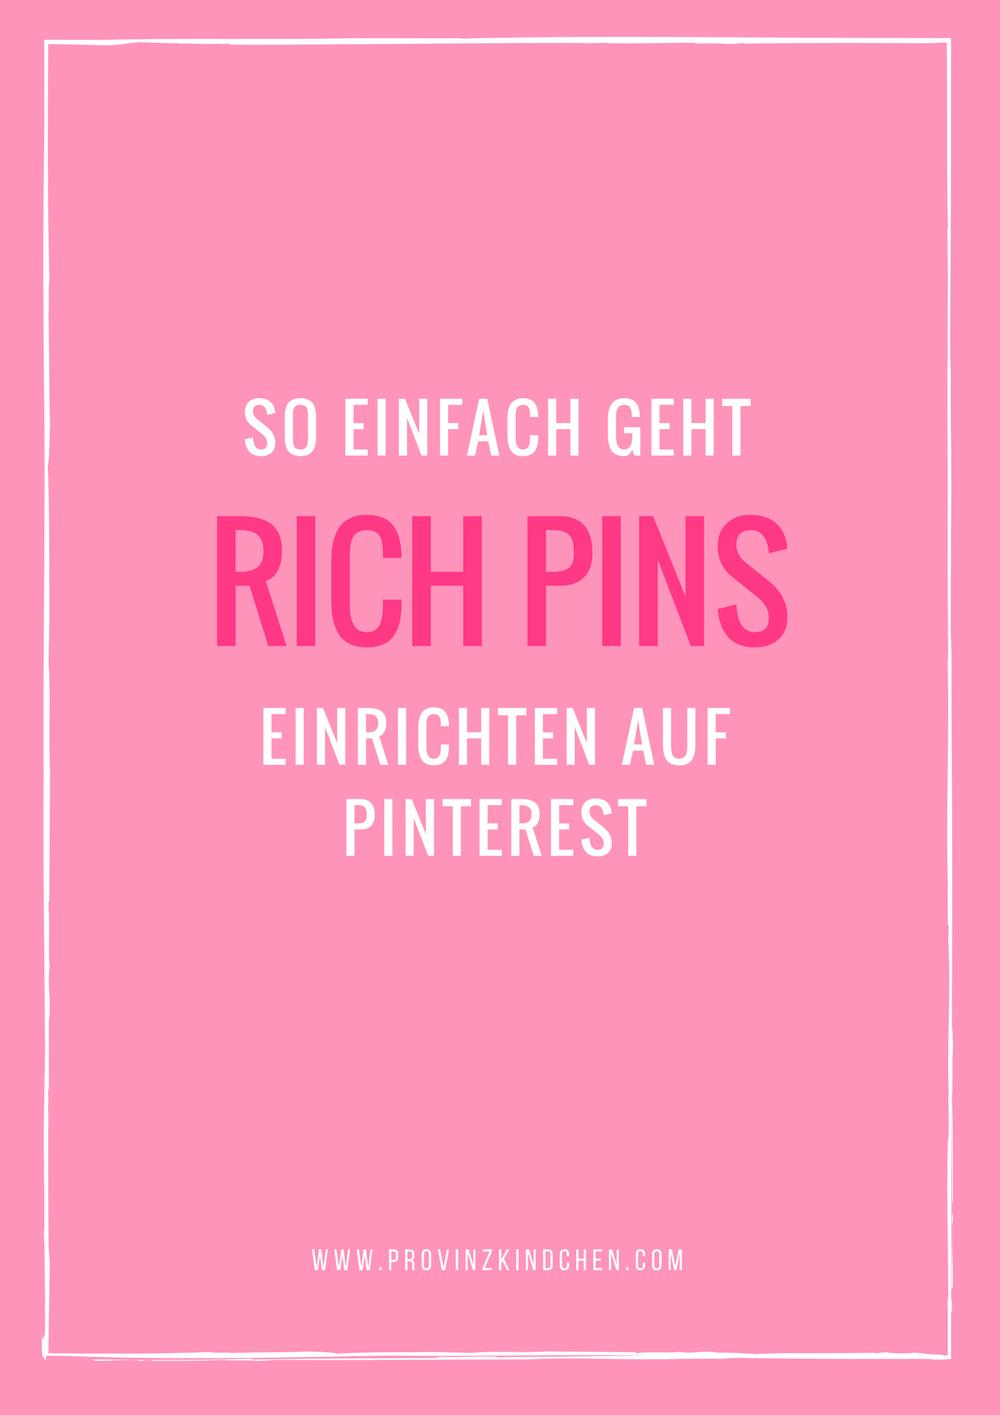 Rich Pins einrichten auf Pinterest | provinzkindchen.com